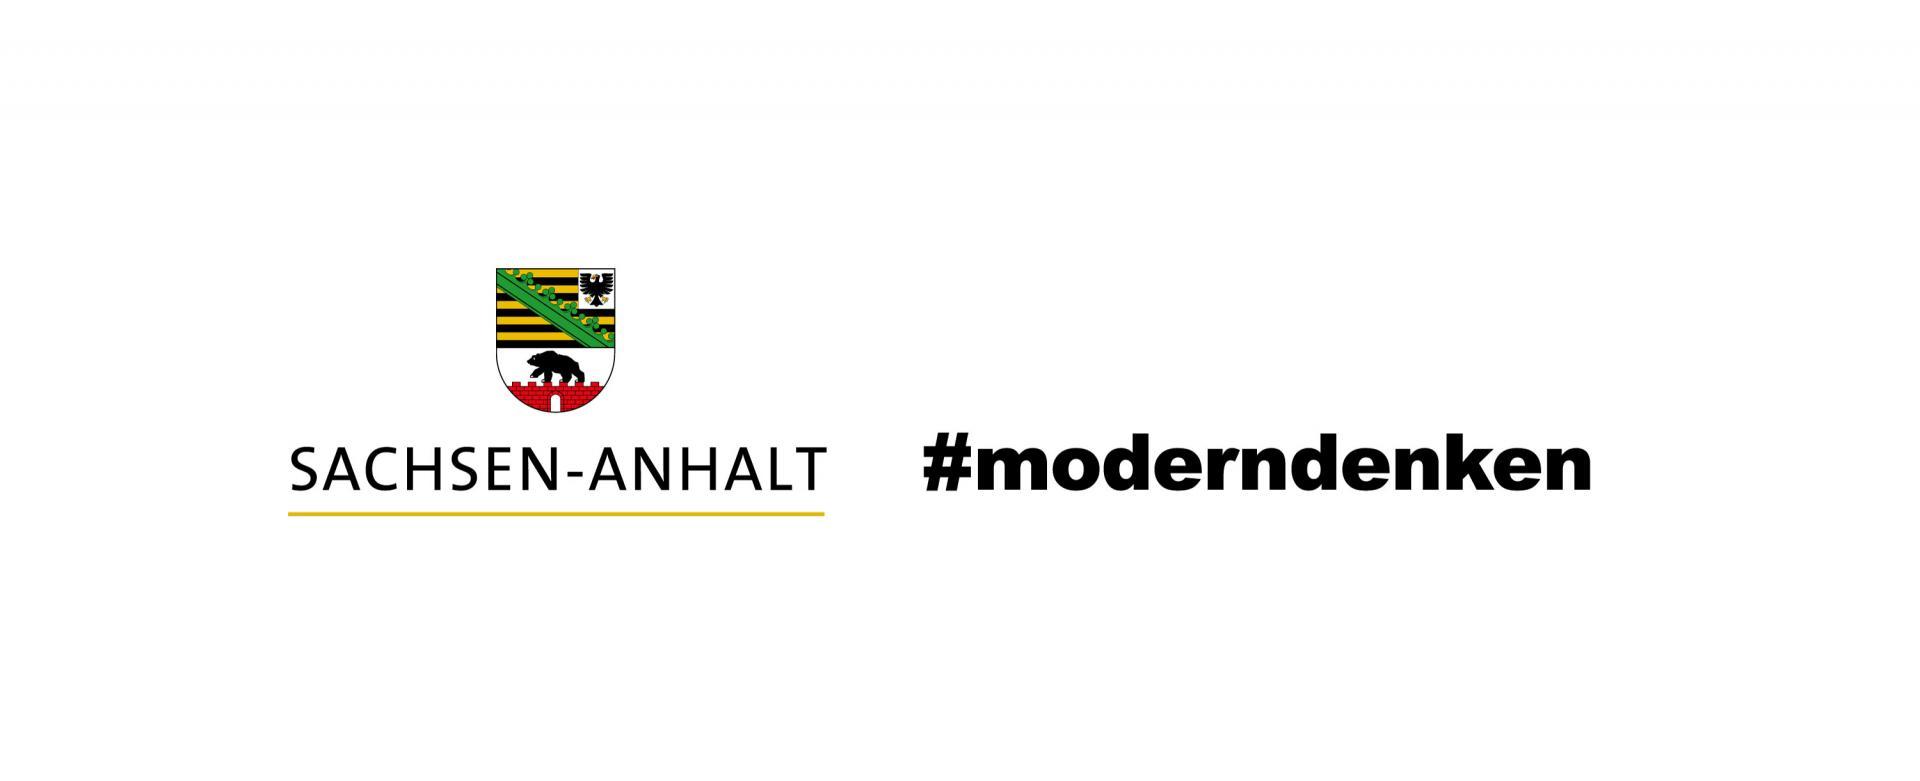 Land Sachsen-Anhalt modern denken